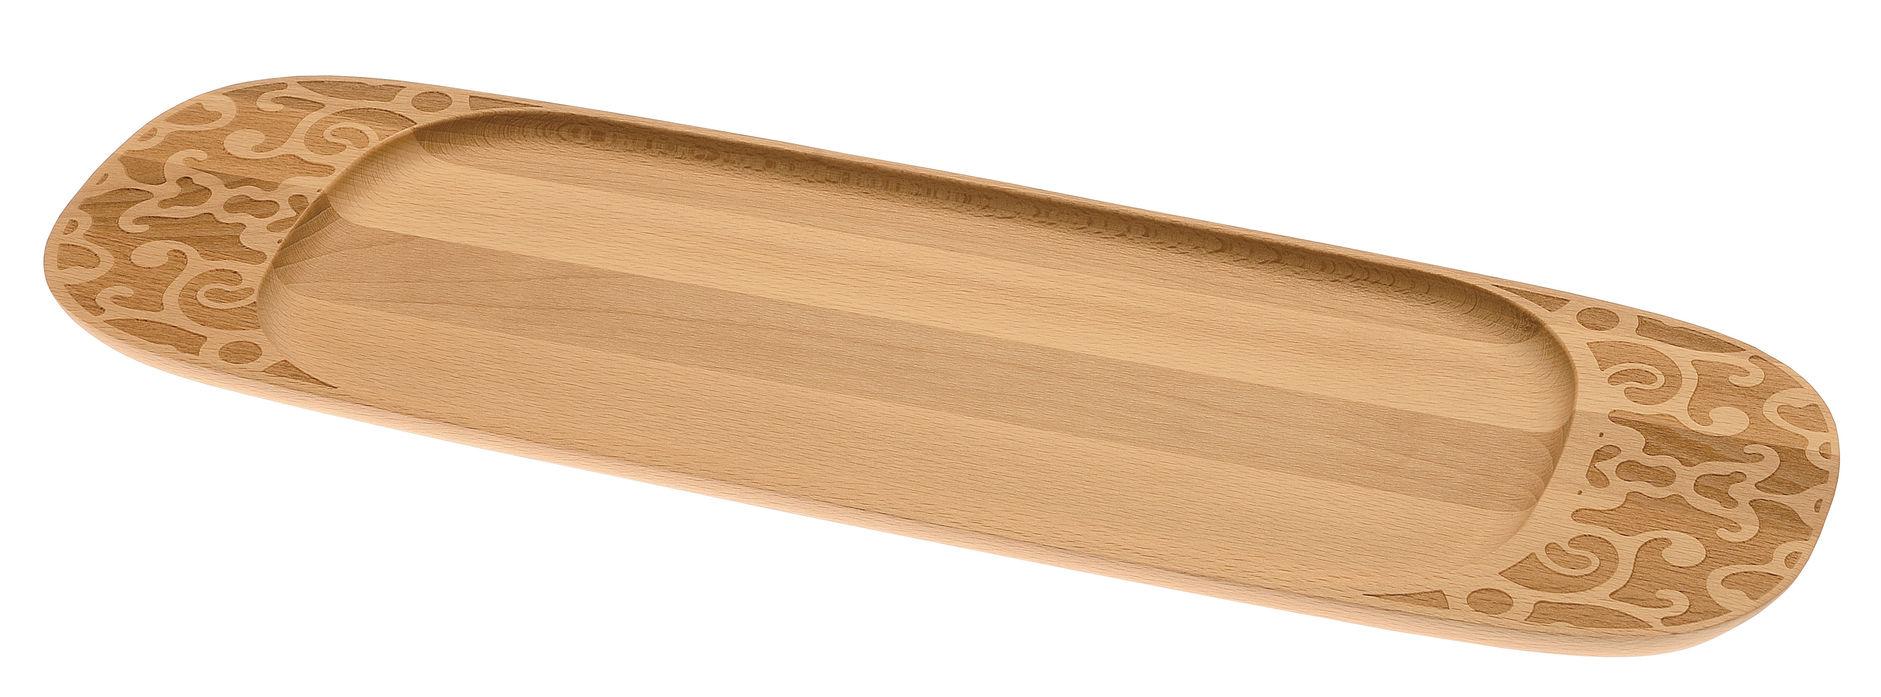 Arts de la table - Plateaux - Plateau Dressed in Wood / 45 x 14 cm - Alessi - Bois naturel - Hêtre